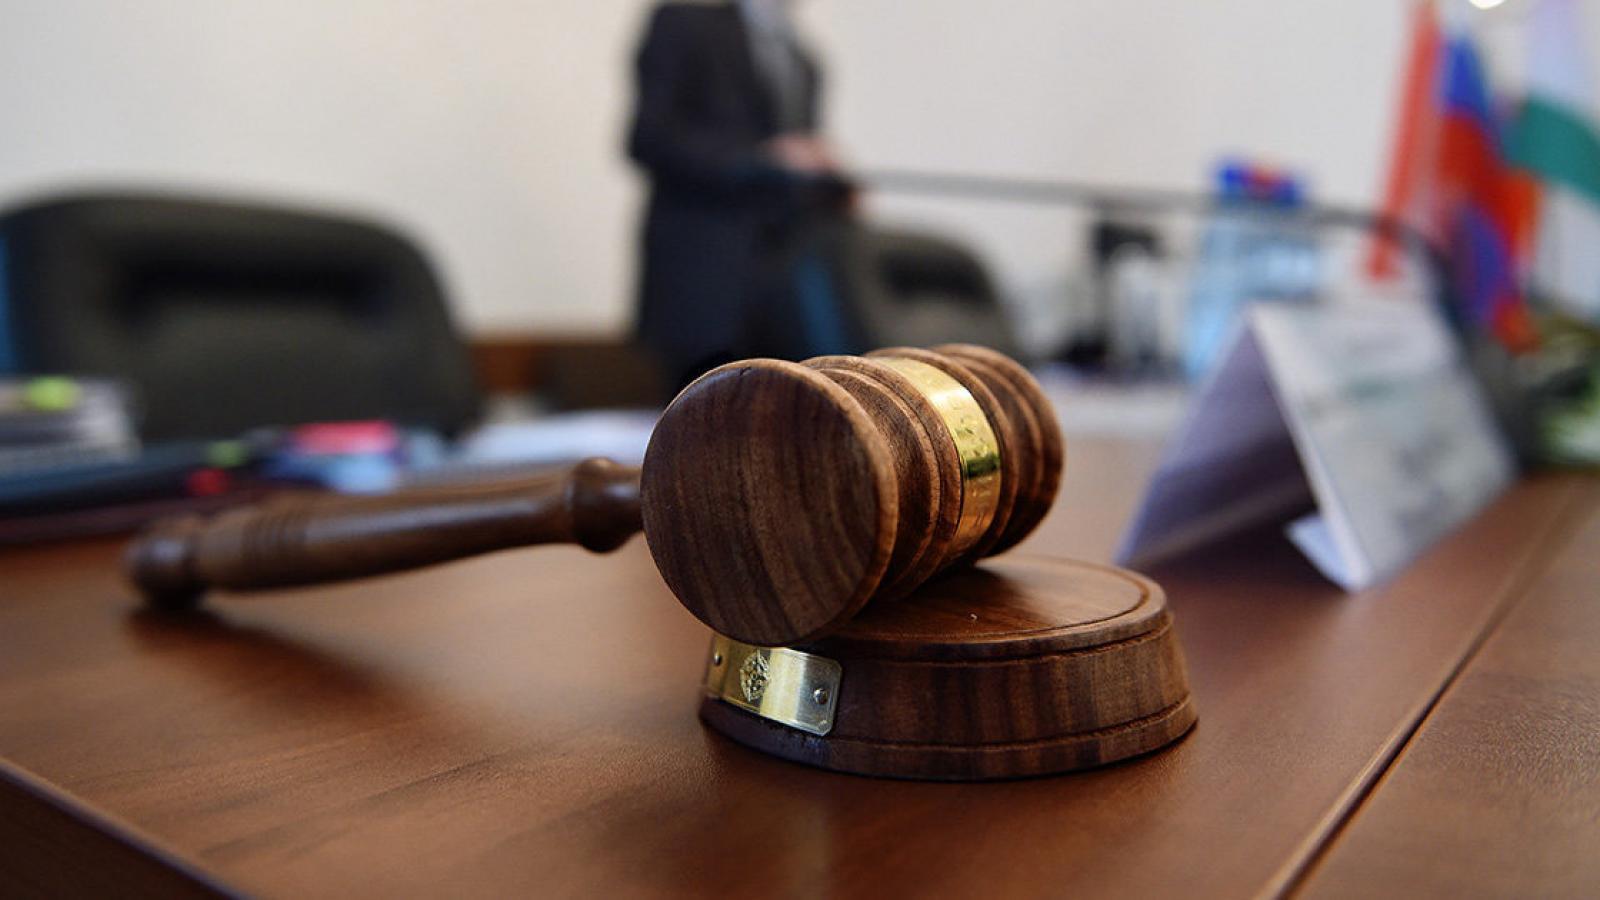 Минздрав и ЦРБ не поддержали иски медработников с требованием выплатить ковид-надбавки